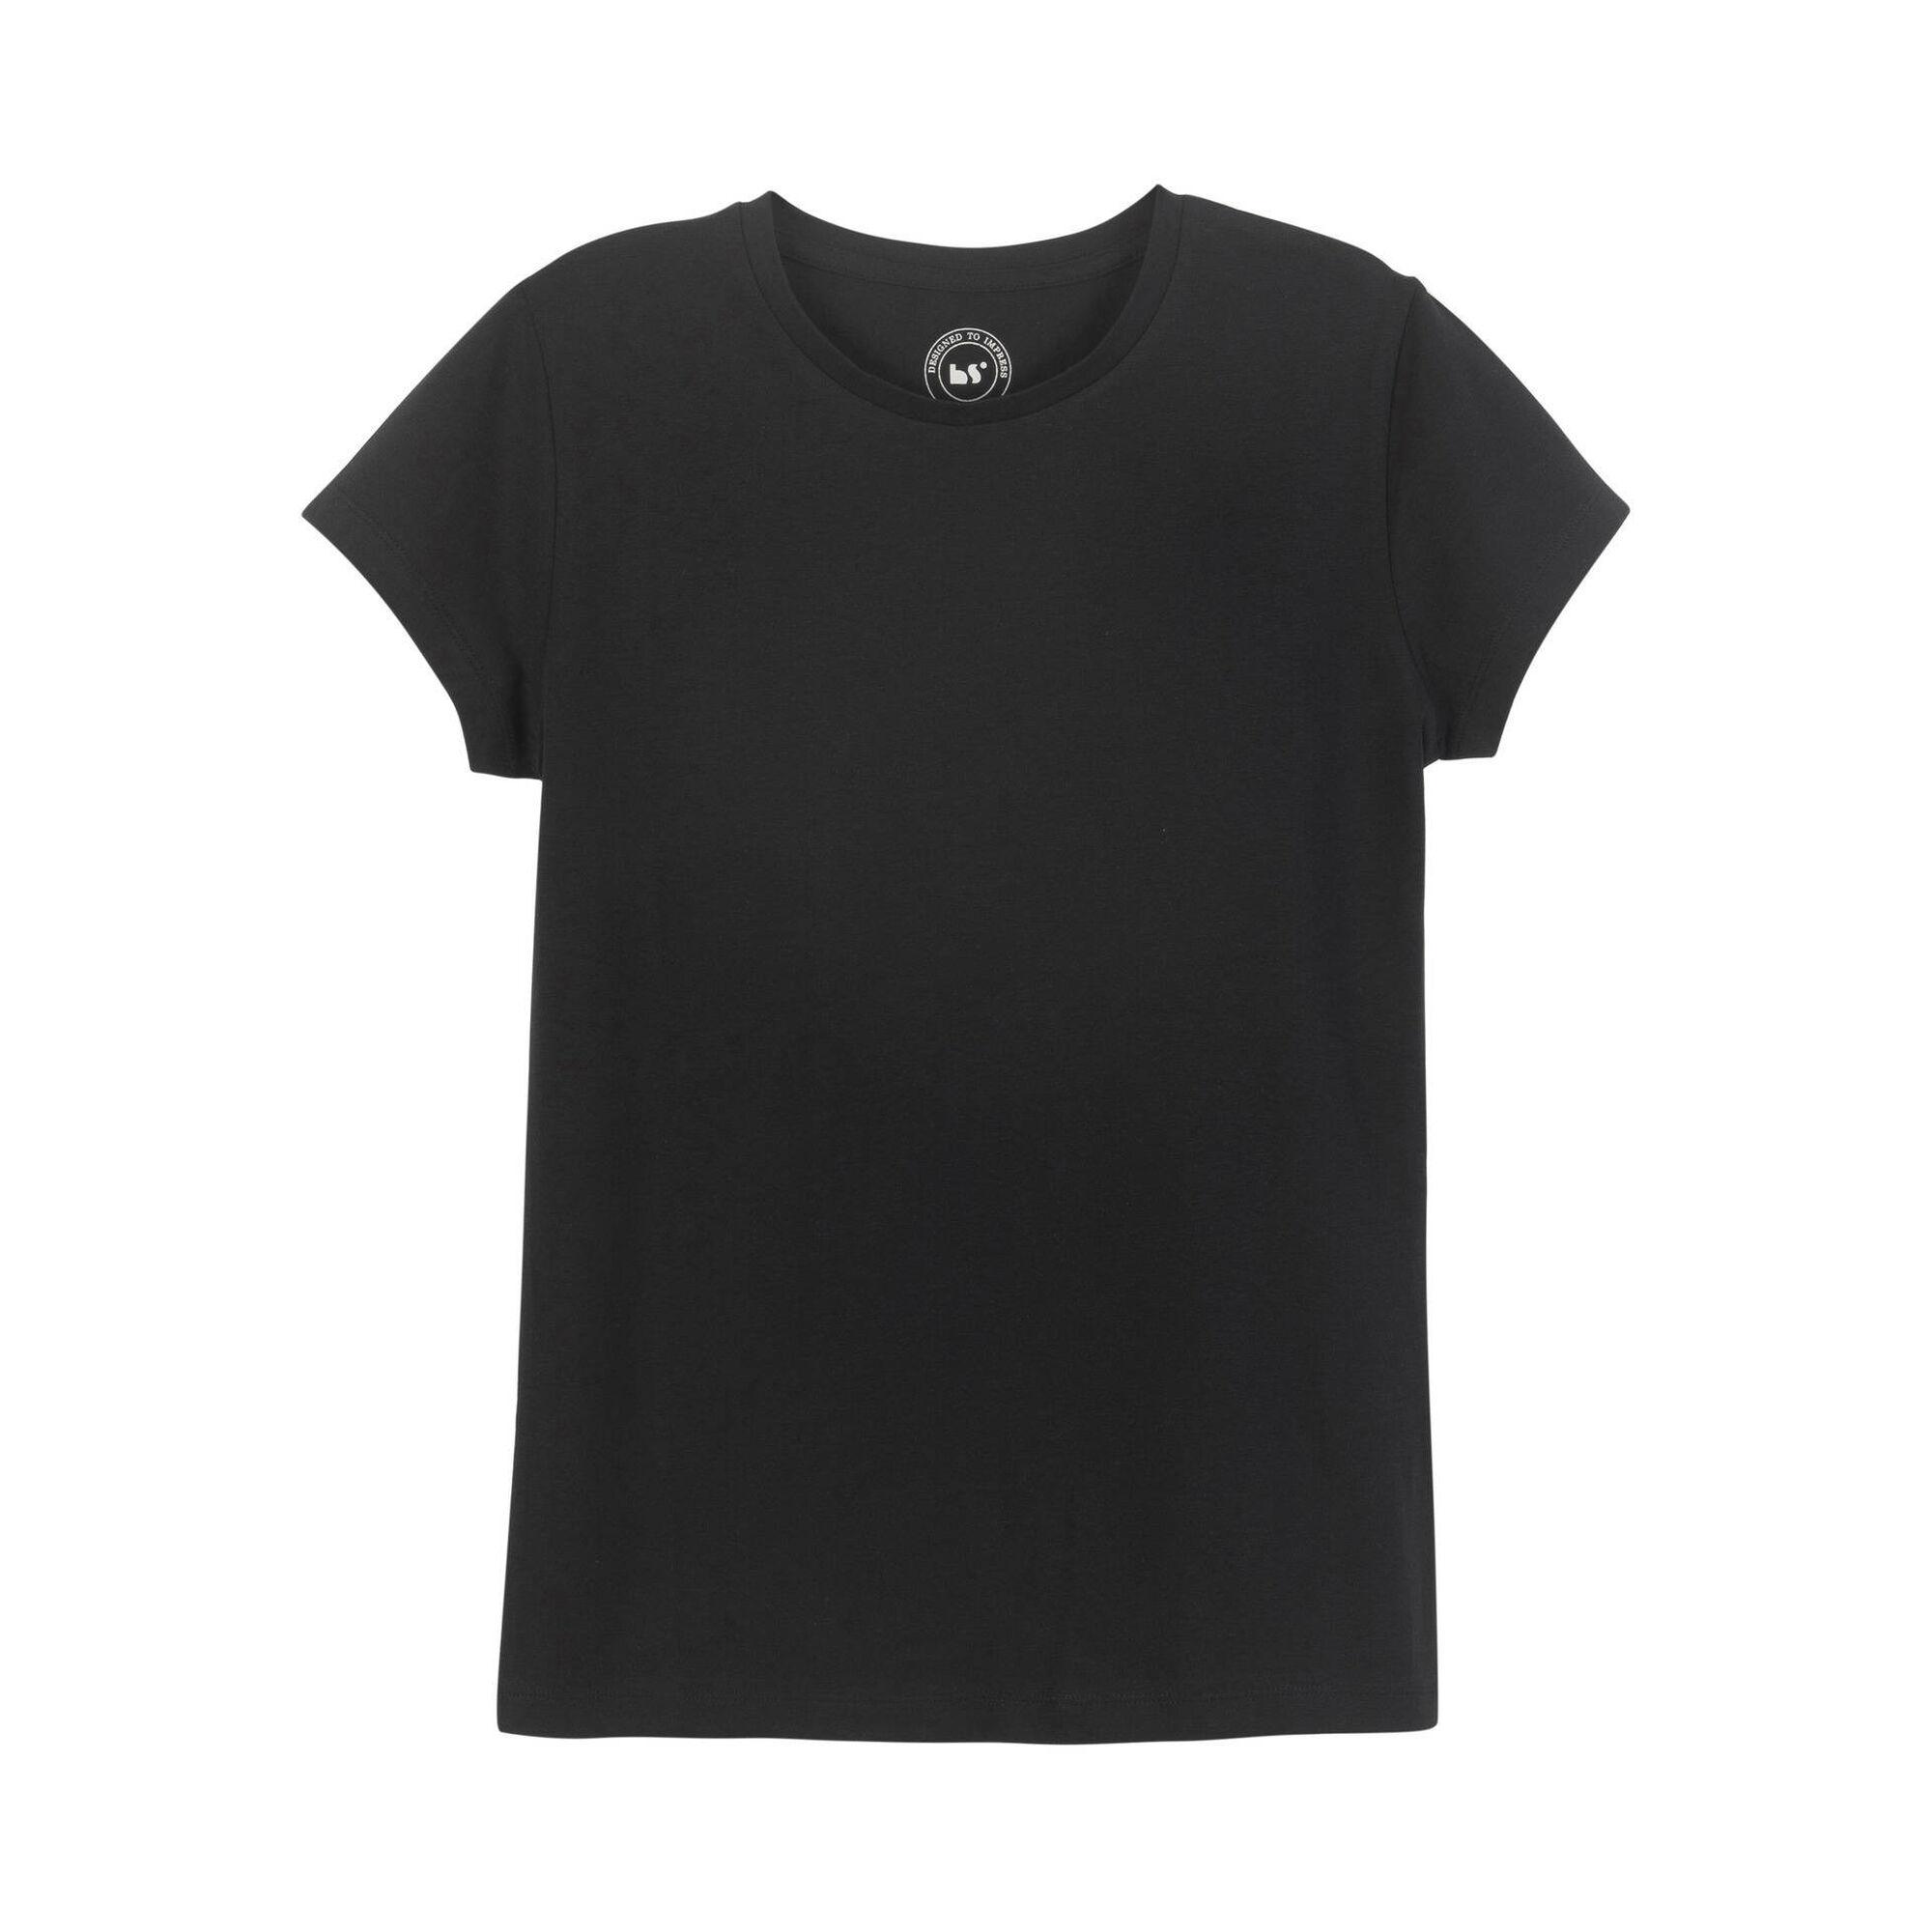 T-shirt L Preto